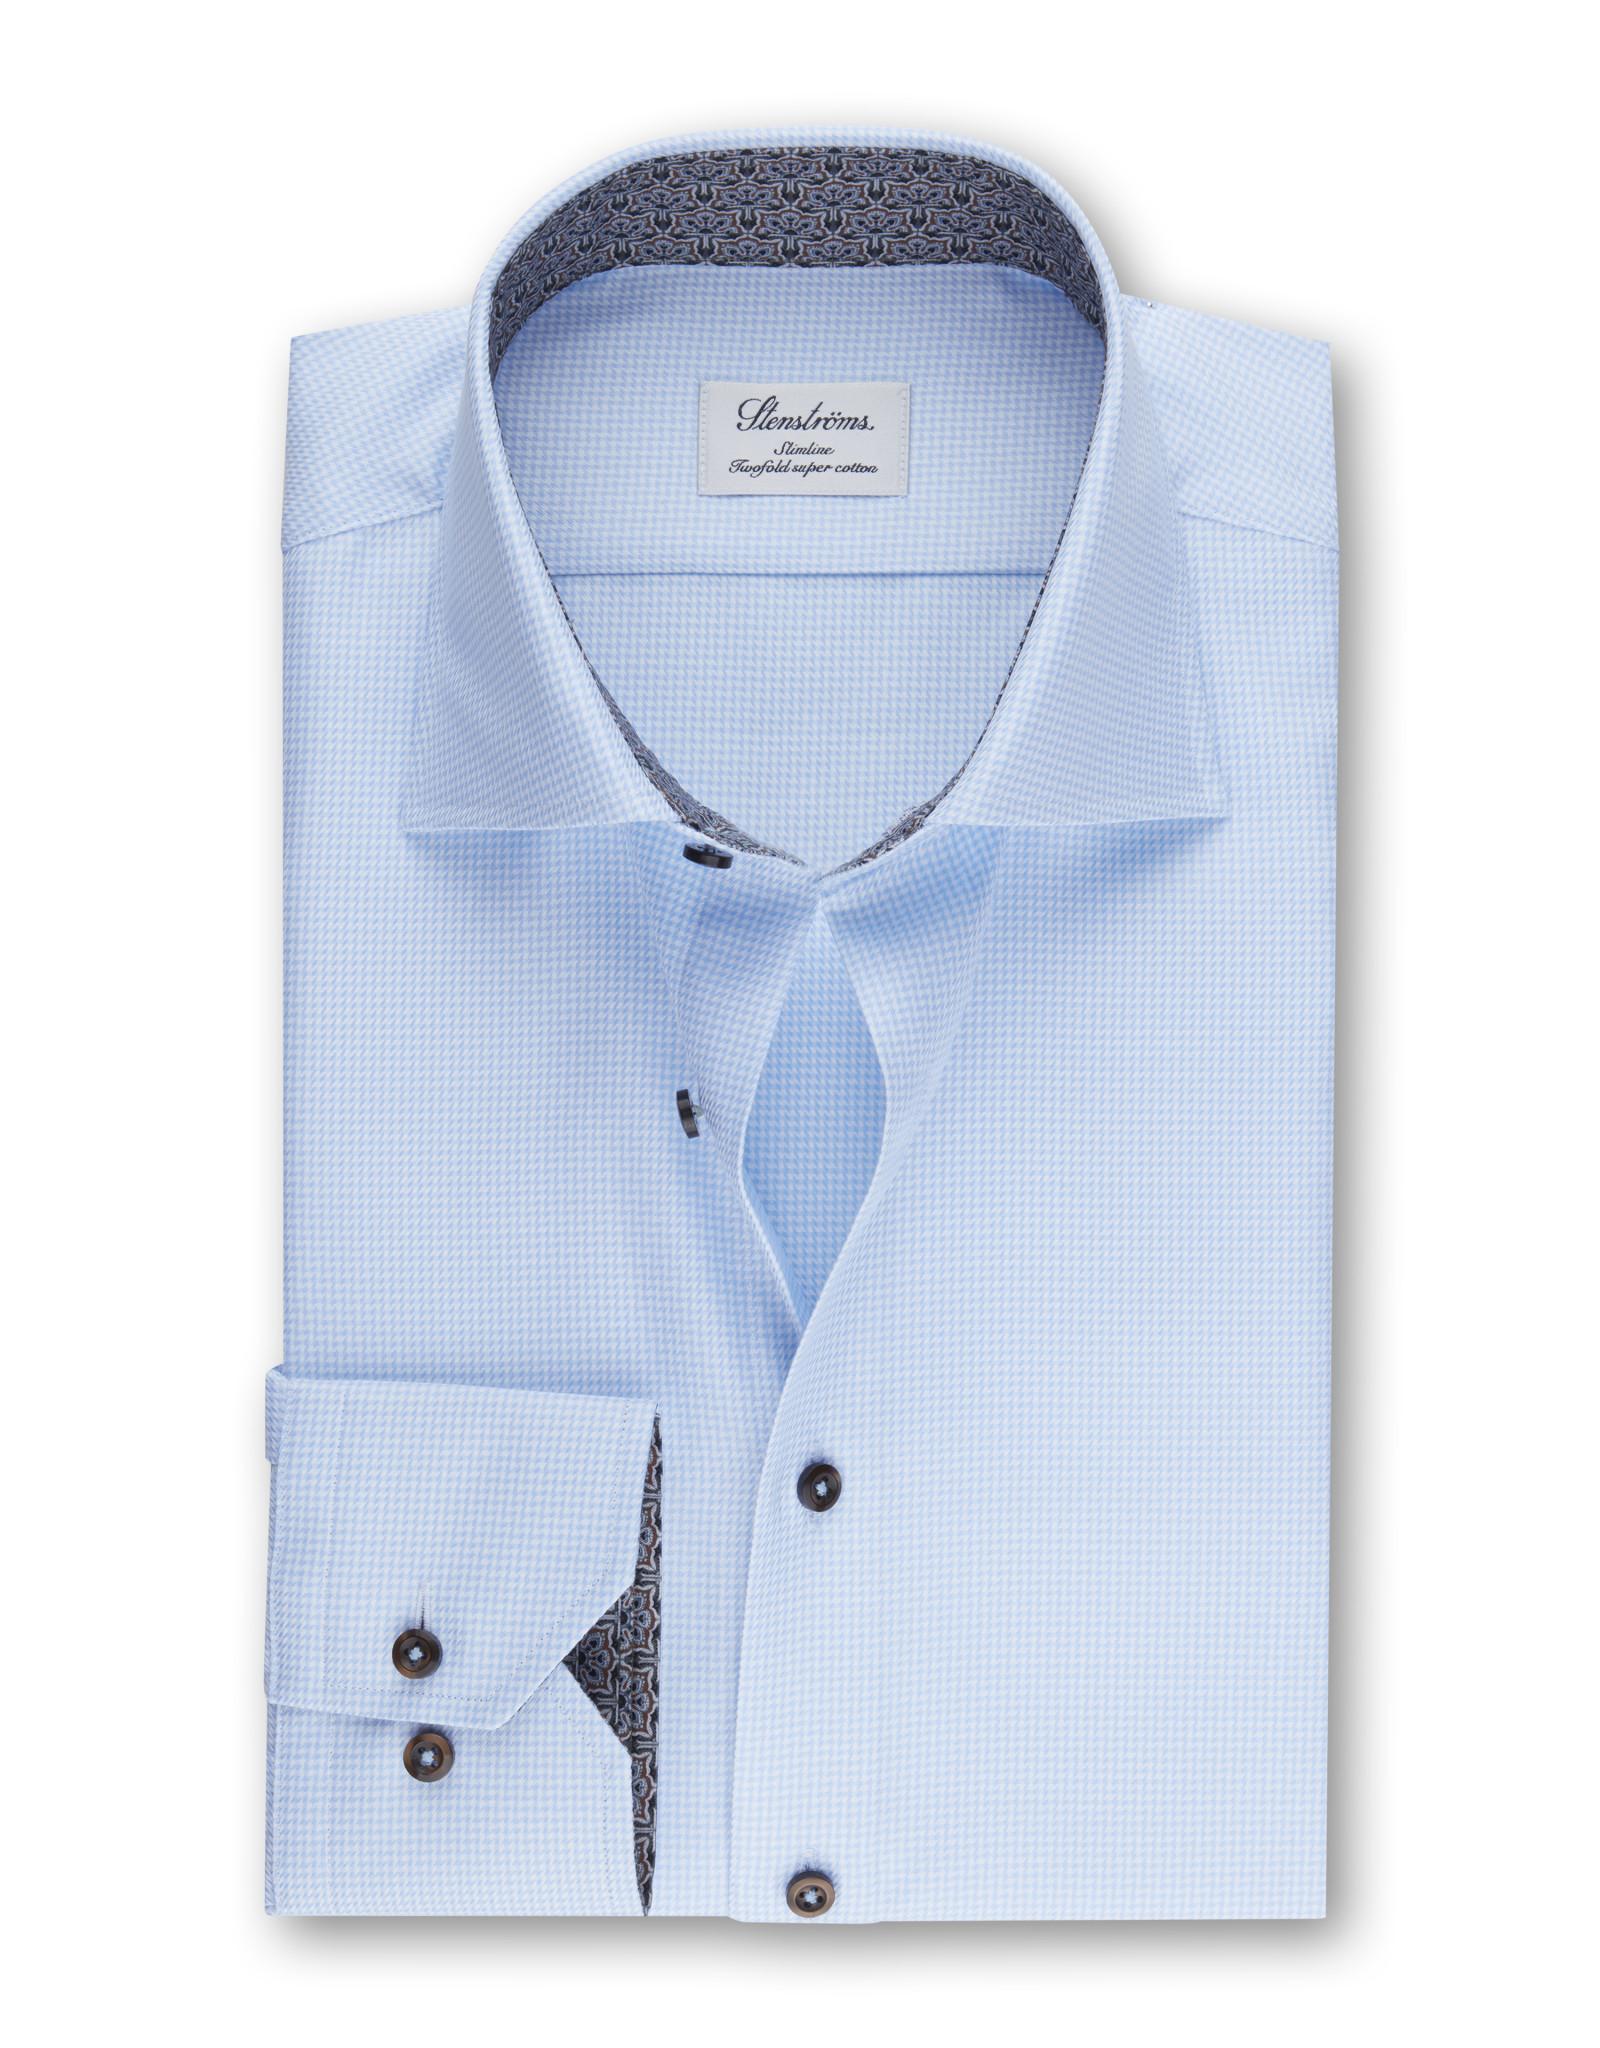 Stenströms Stenströms hemd blauw Fitted body 684771-2319/100